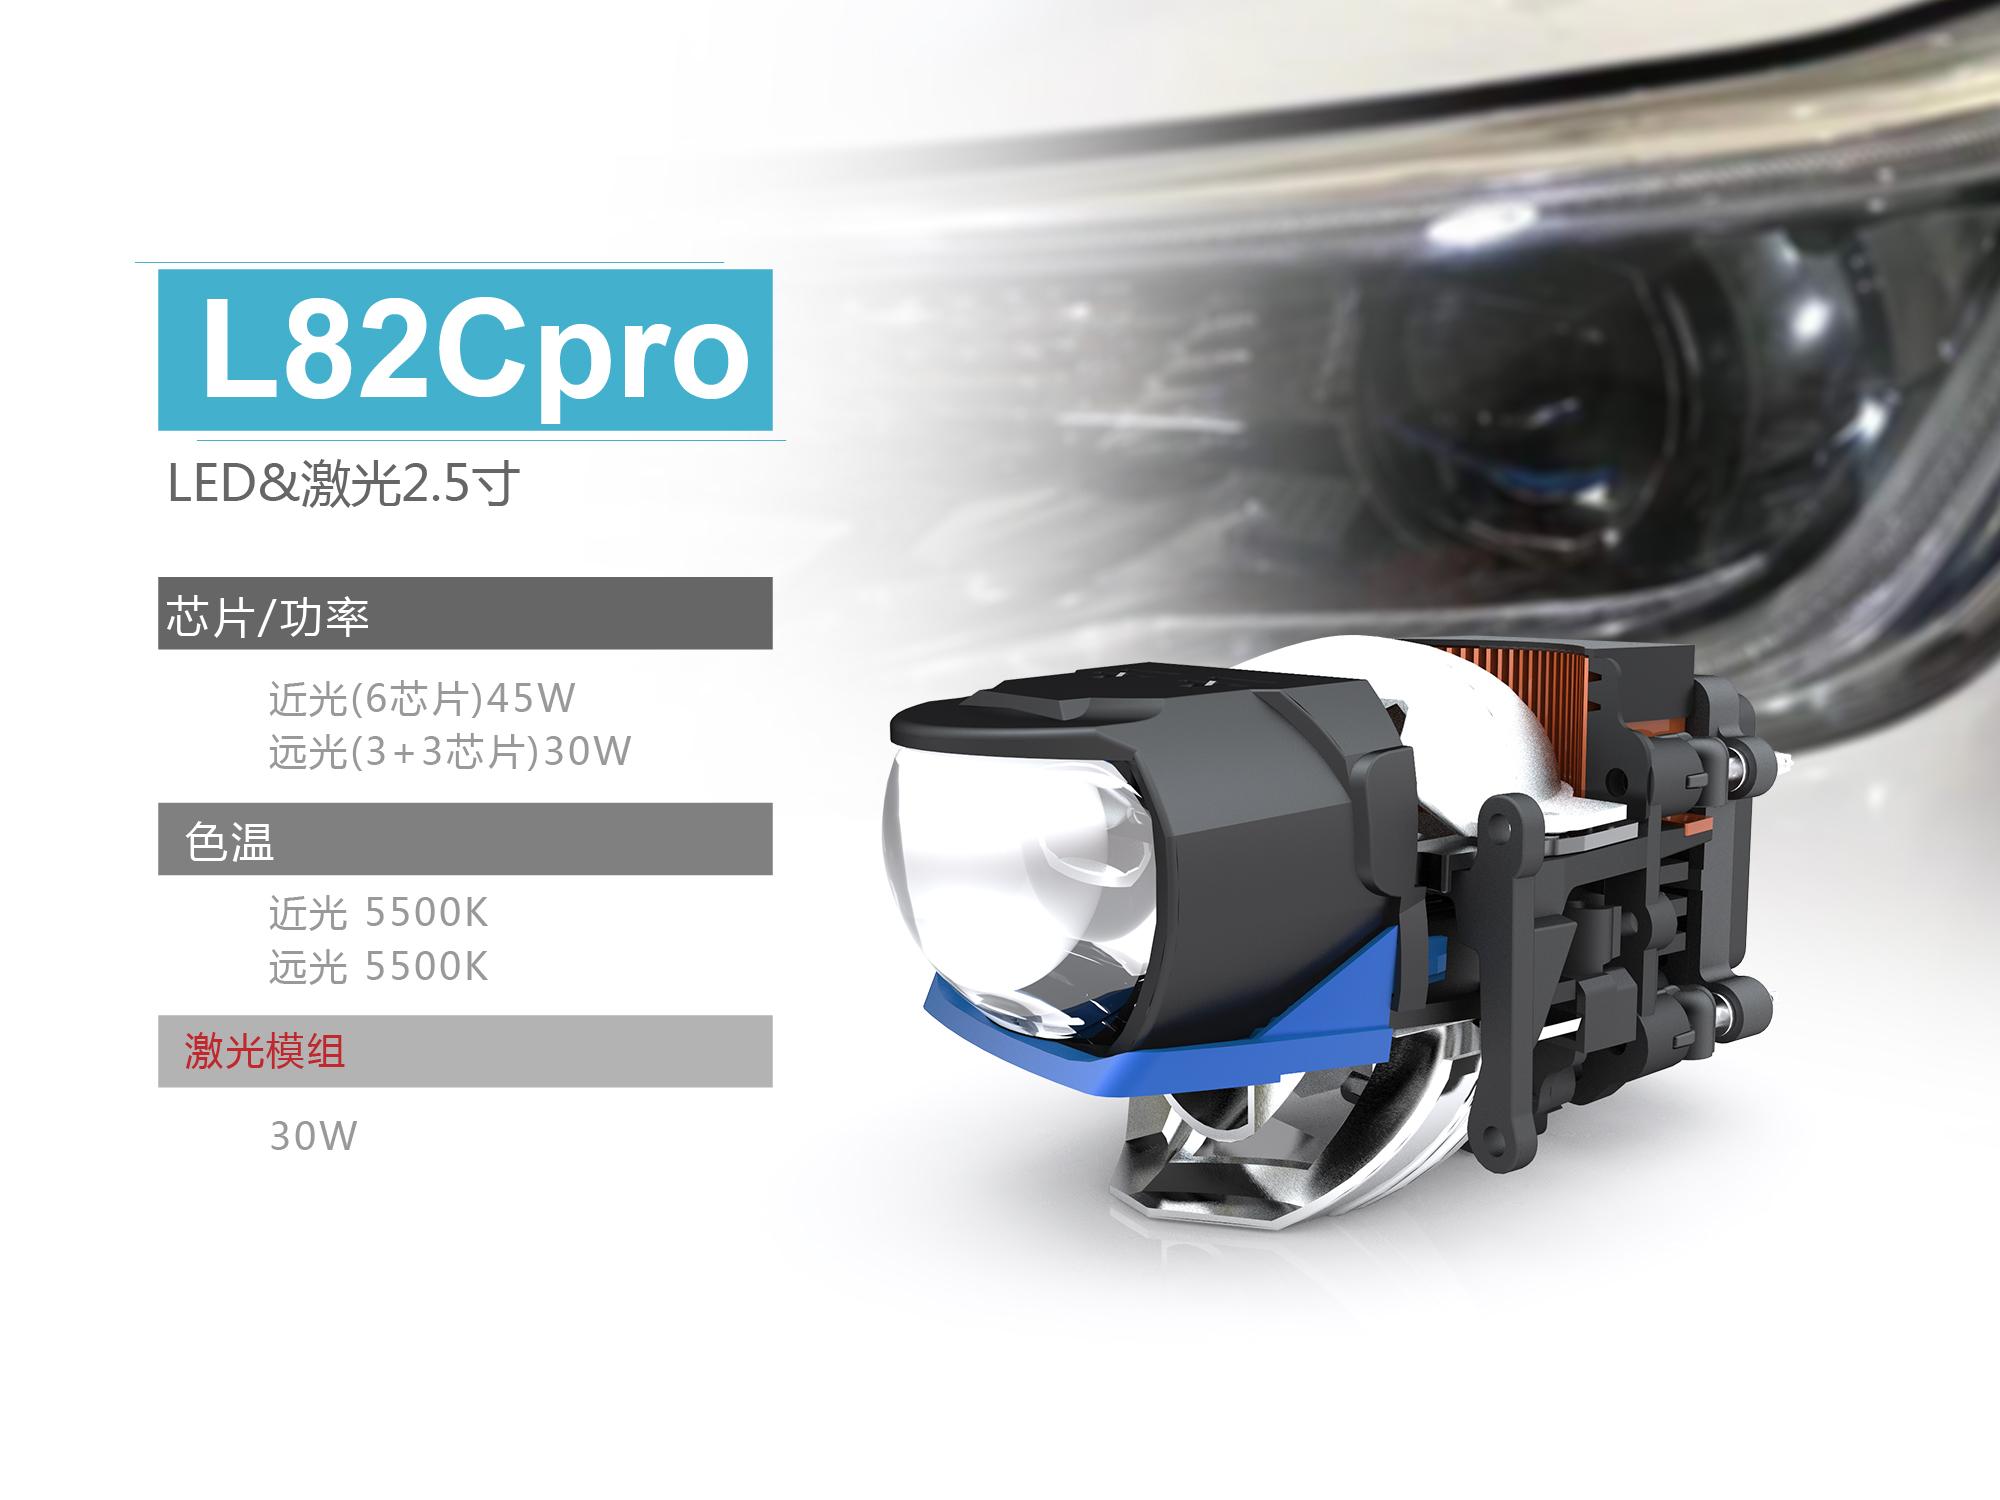 恒威激光大灯L82pro